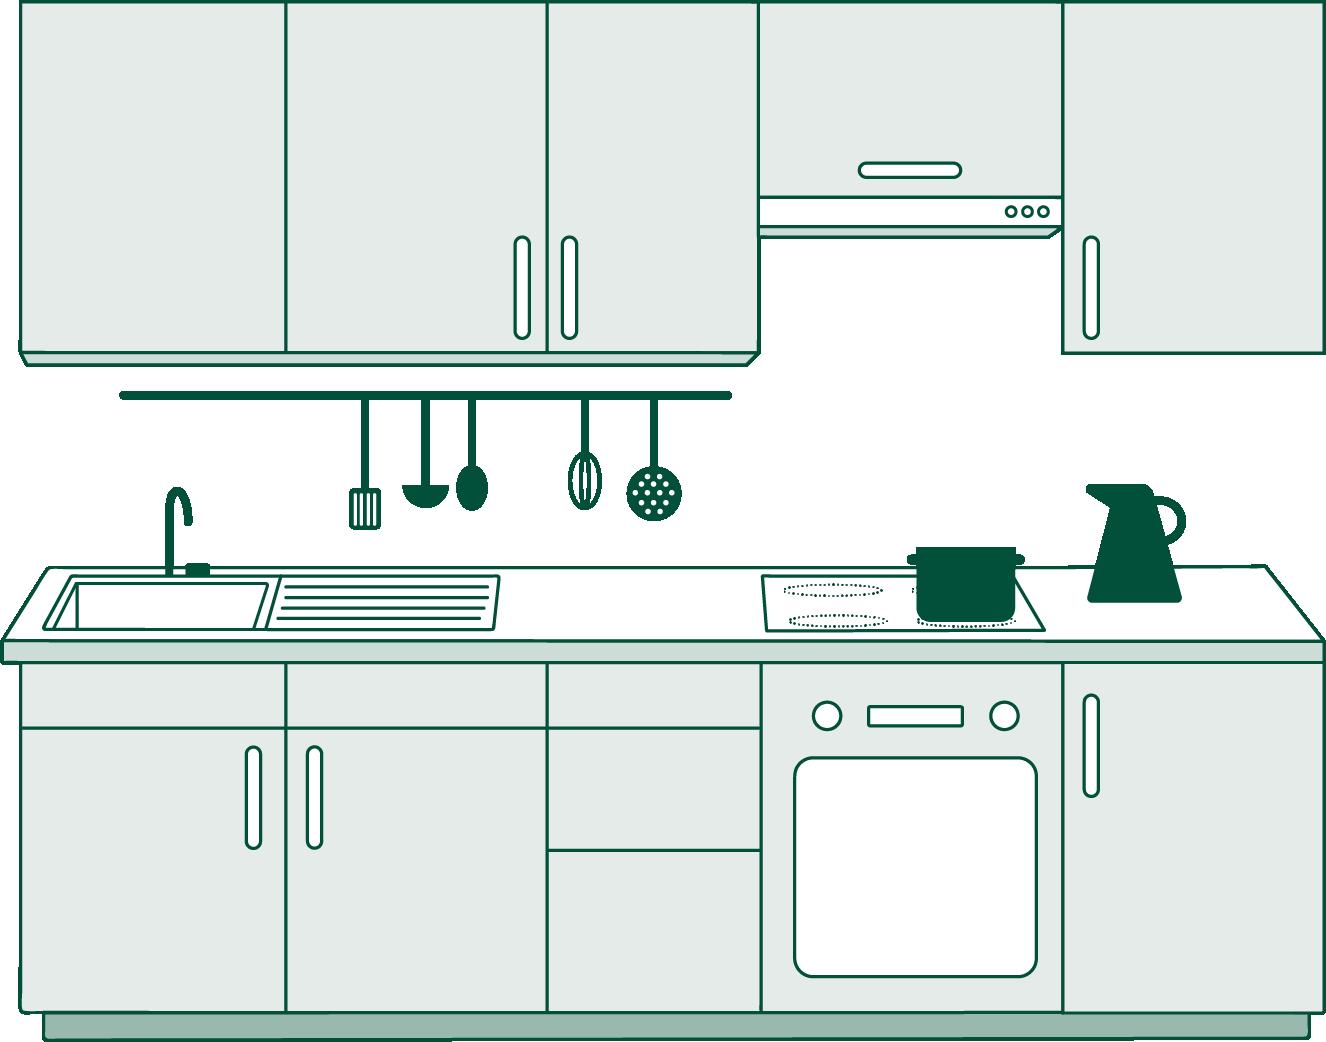 Full Size of Küche Gebraucht Einzelschränke Rollwagen Modul Sitzecke U Form Abfalleimer Led Deckenleuchte Modulküche Lieferzeit Salamander Wohnzimmer Küche Gebraucht